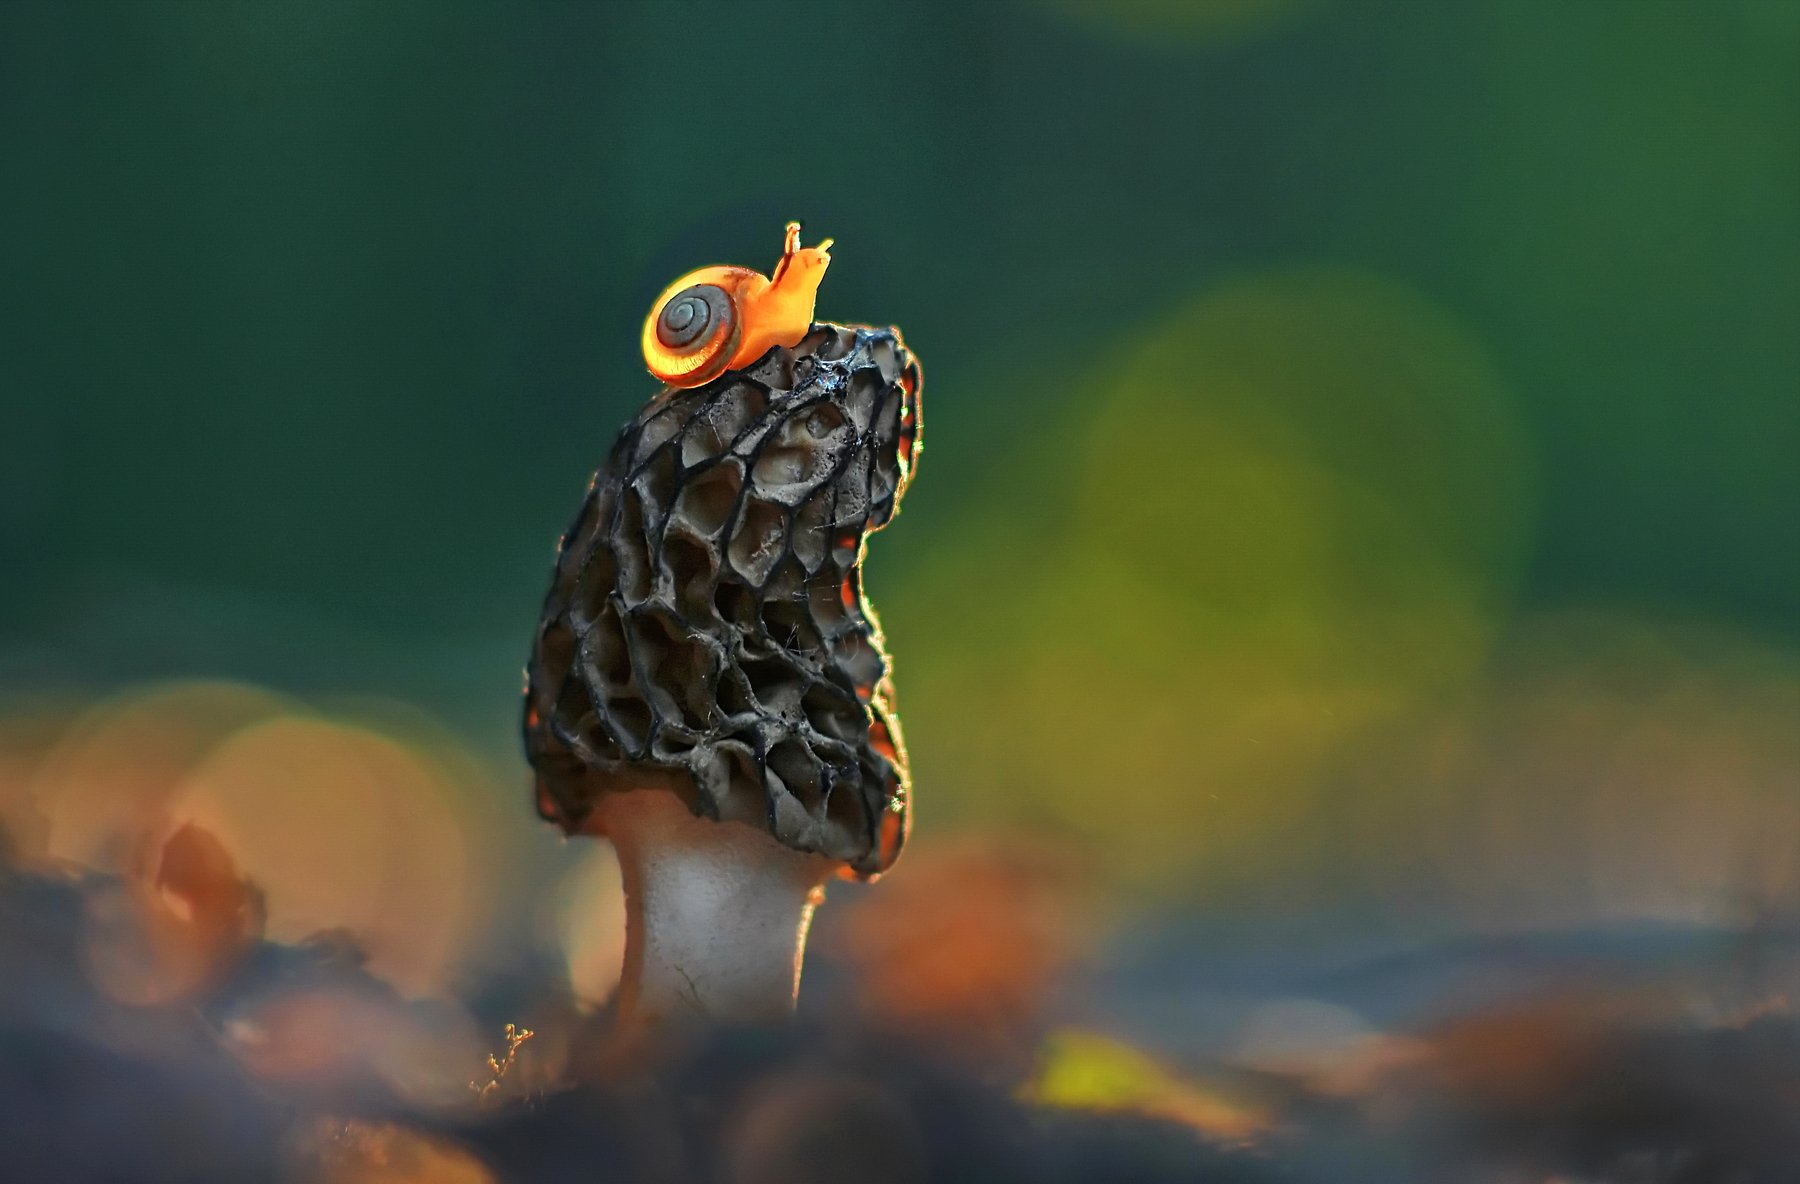 грибы, природа, улитка, весна, закат, Александр Гвоздь